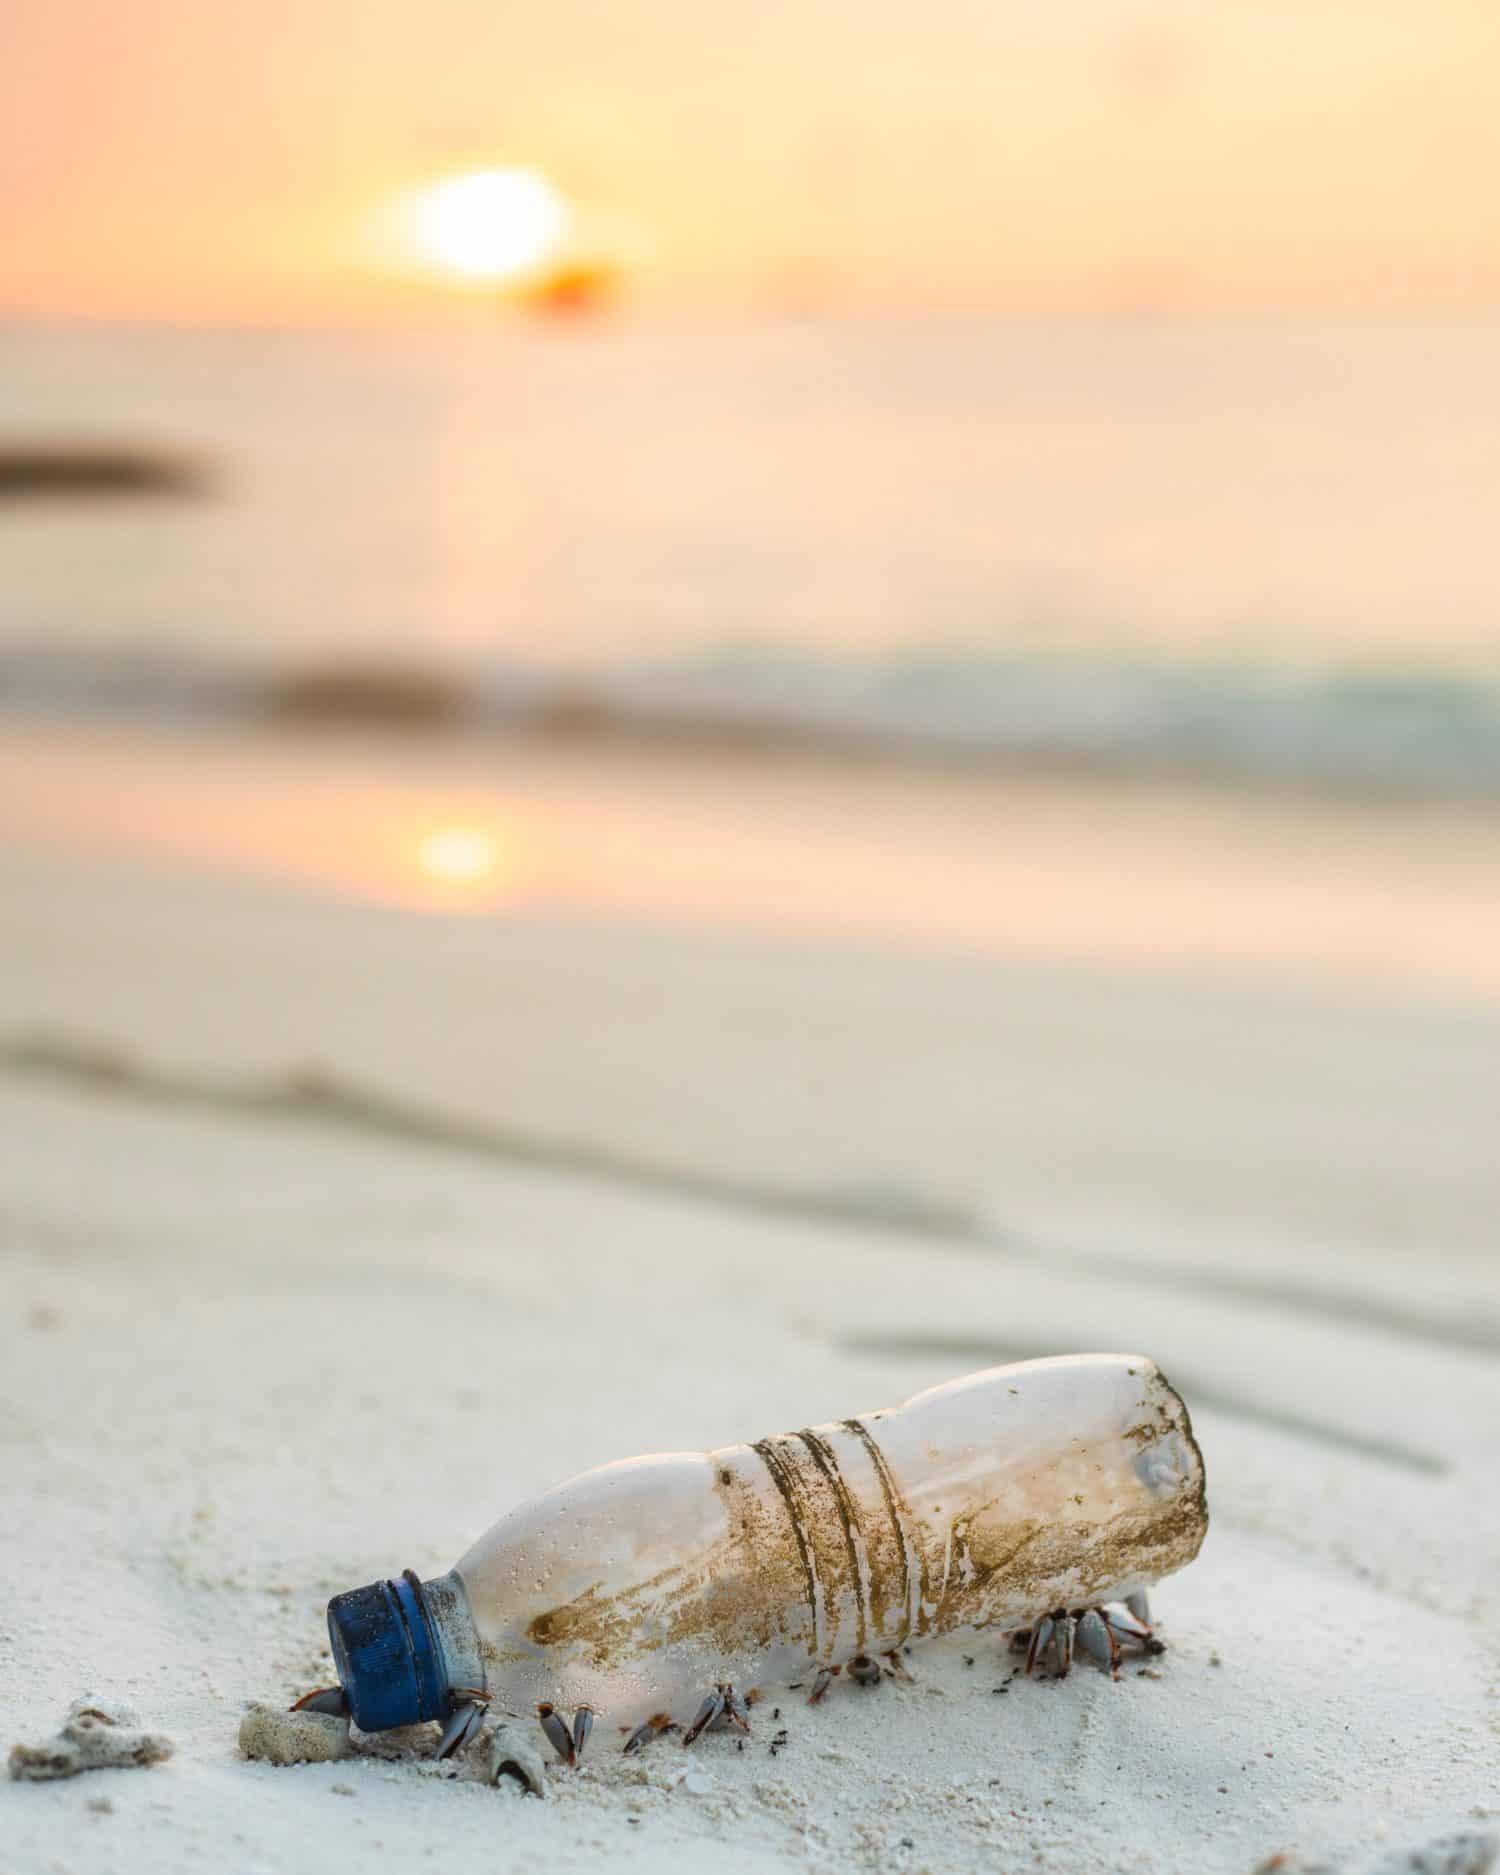 eine Plastikflasche am Strand. Im Hintergrund ist der Sonnenuntergang zu sehen.